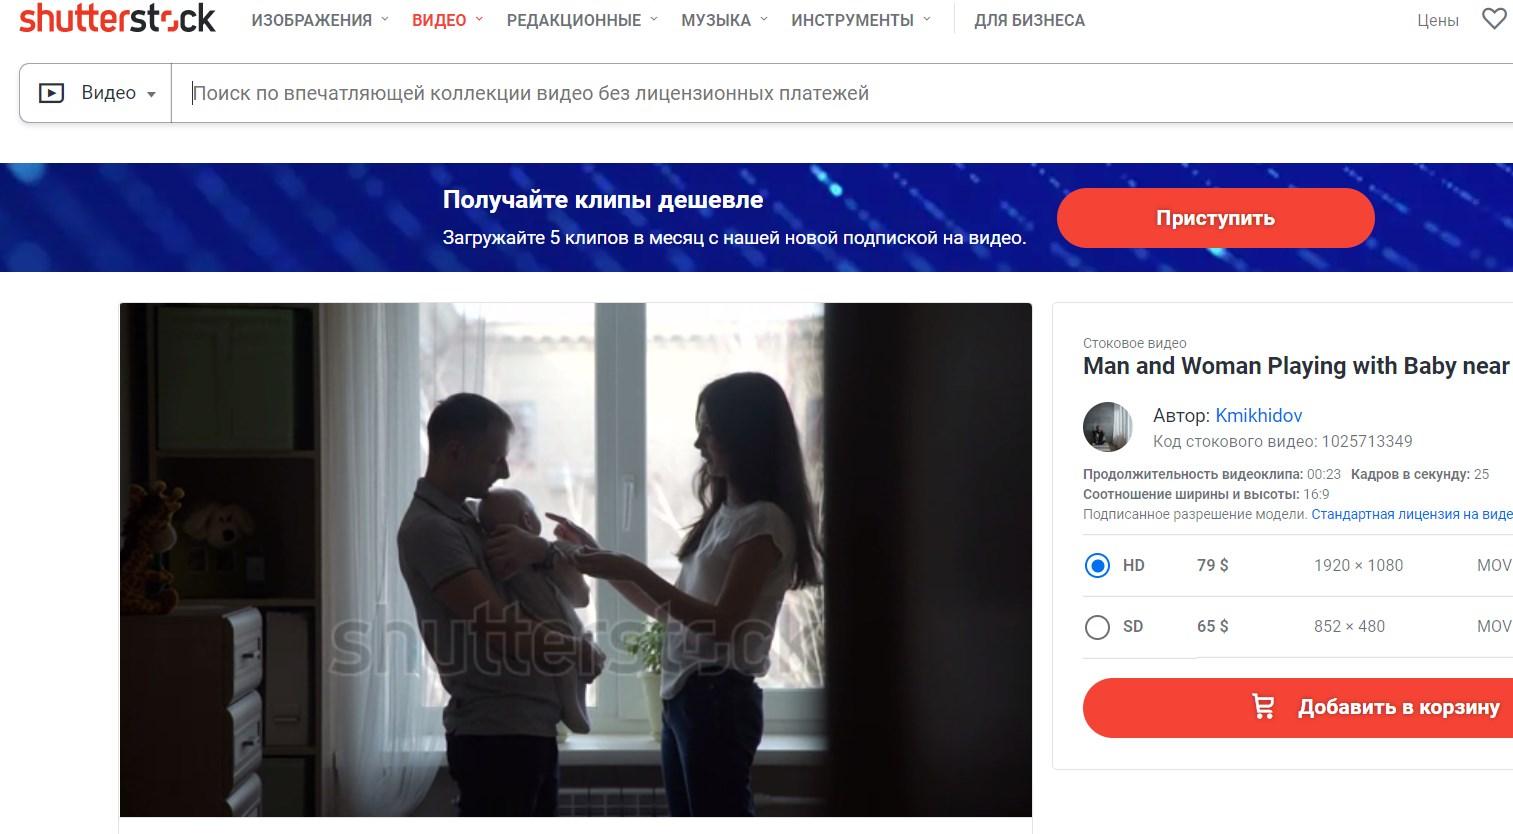 Видео продаётся на сайтеshutterstock.com